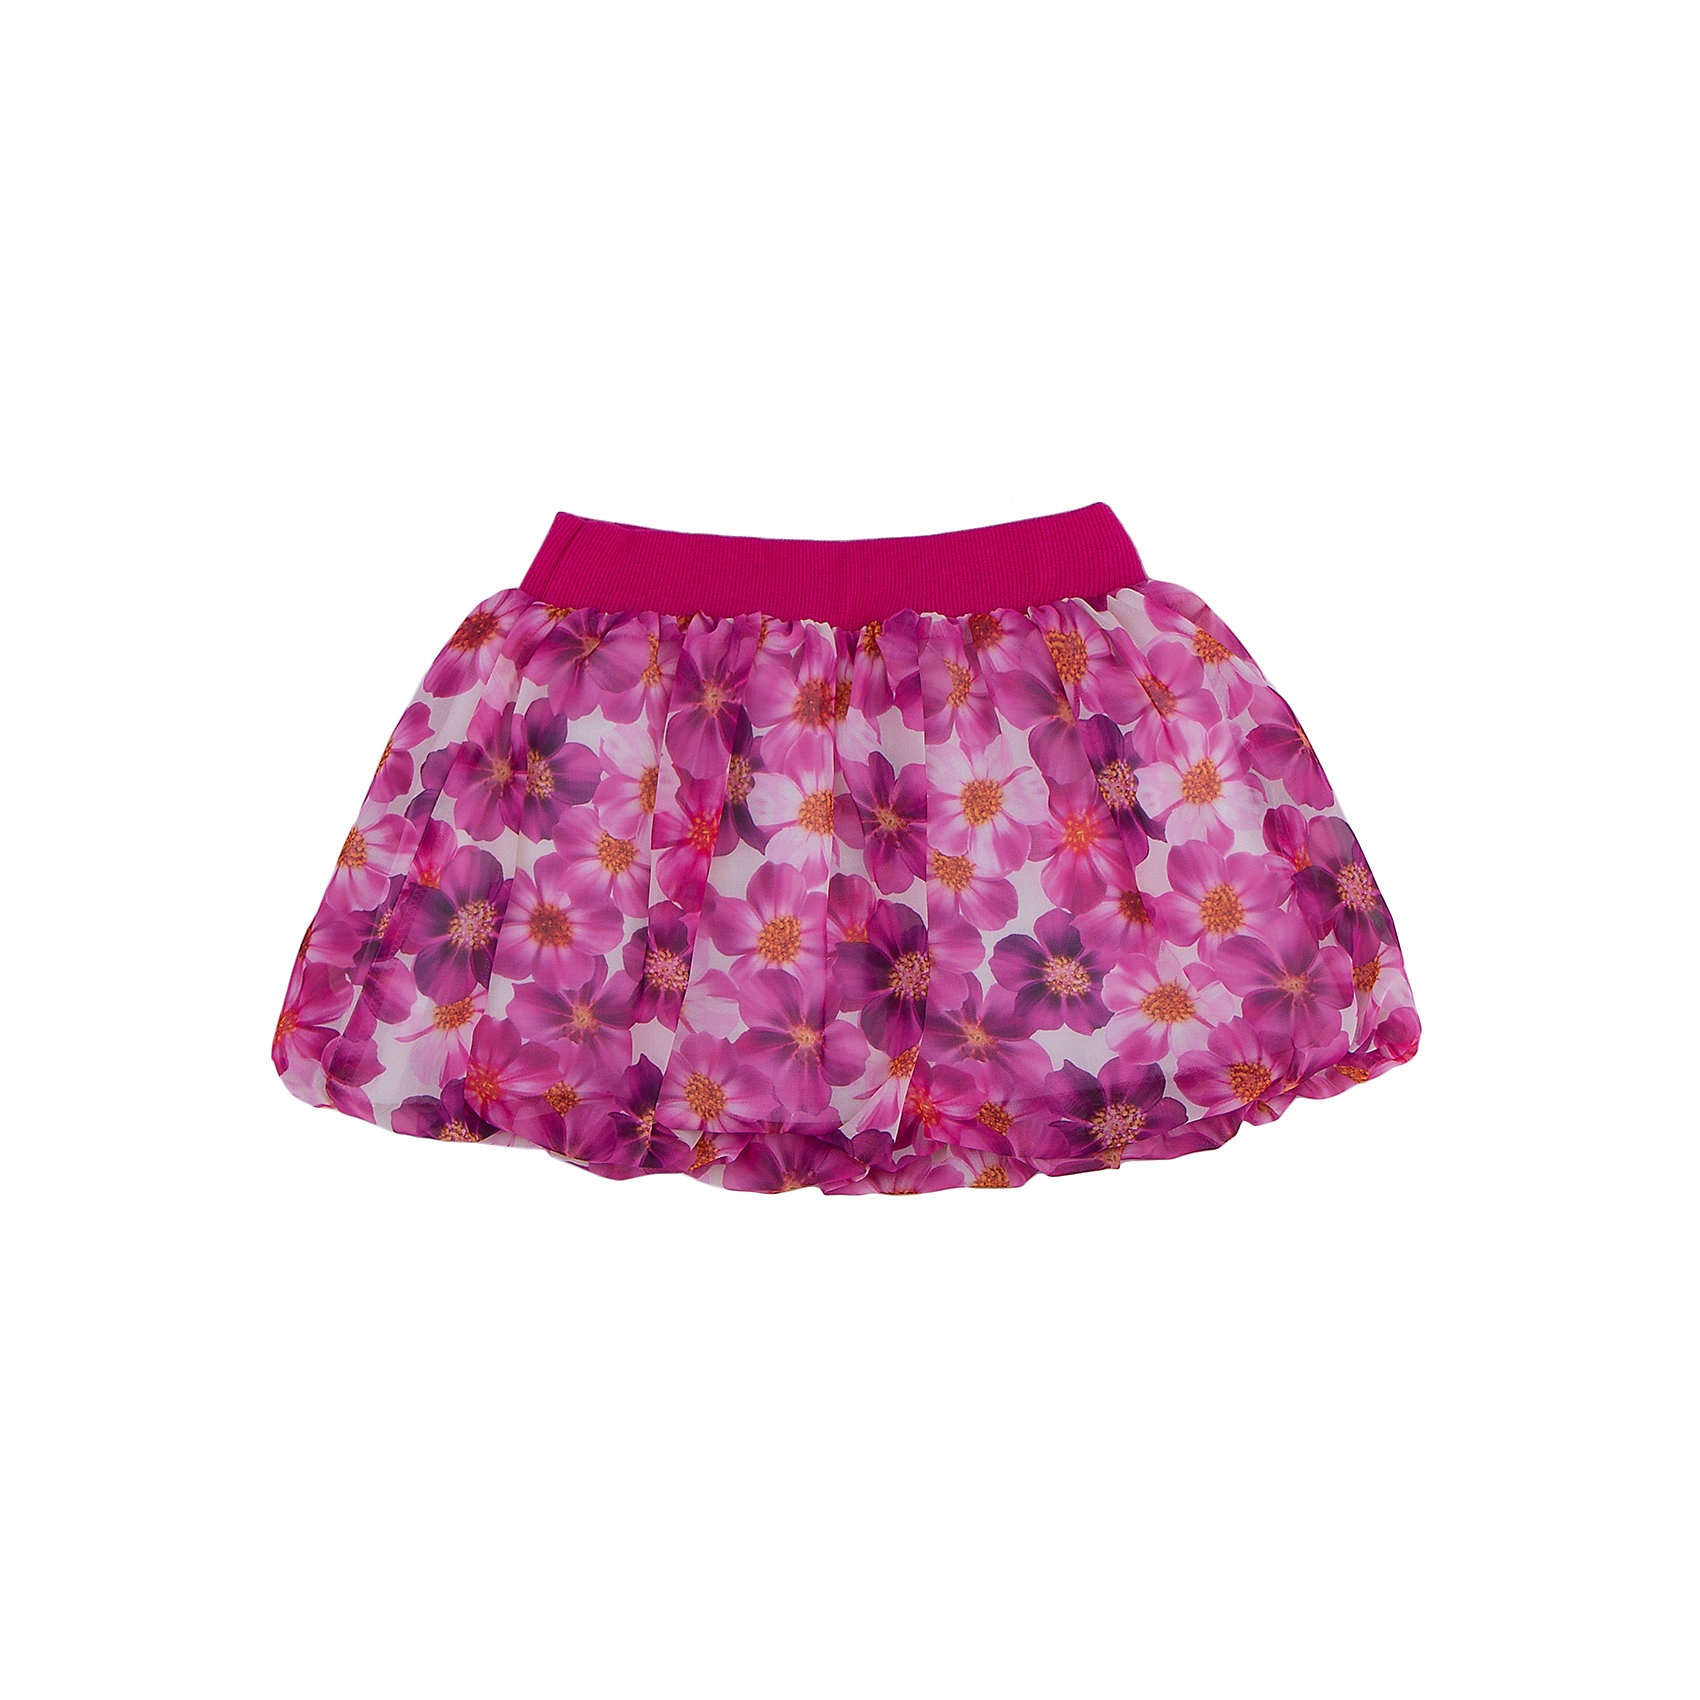 Юбка для девочки GoldyМодная юбка для девочки поможет разнообразить гардероб, создать подходящий погоде ансамбль. Удобный крой и качественный материал обеспечат ребенку комфорт при ношении этого изделия. <br>Юбка очень стильно смотрится благодаря актуальному дизайну и оригинальной расцветке. Она декорирована цветочным принтом. На поясе - широкая мягкая резинка. Материал - легкий, но прочный, отлично подходит для детской одежды, верх - шифон, подкладка состоит  из дышащего натурального льна. <br><br>Дополнительная информация:<br><br>материал: шифон, лён;<br>цвет: разноцветный;<br>цветочный принт;<br>на поясе - резинка.<br><br>Юбку для девочки от бренда Goldy (Голди) можно купить в нашем магазине.<br><br>Ширина мм: 207<br>Глубина мм: 10<br>Высота мм: 189<br>Вес г: 183<br>Цвет: разноцветный<br>Возраст от месяцев: 24<br>Возраст до месяцев: 36<br>Пол: Женский<br>Возраст: Детский<br>Размер: 98,104,110,116,122,92<br>SKU: 4793686